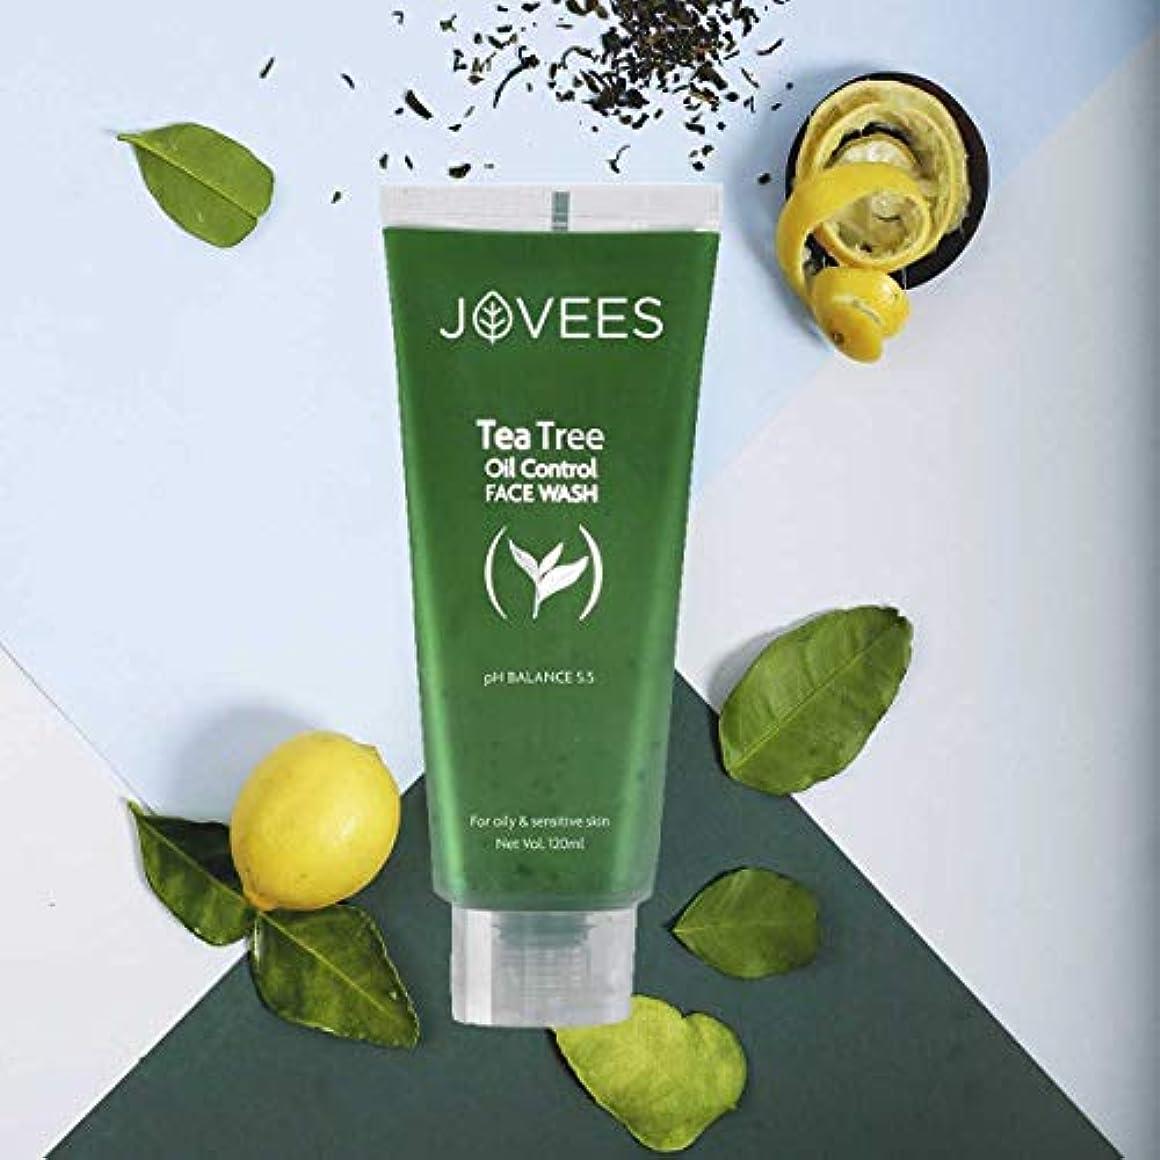 弾性しないアサーJovees Tea Tree Oil Control Face Wash 120ml Best for oily & sensitive skin control acne ティーツリーオイルコントロールフェイスウォッシュ...